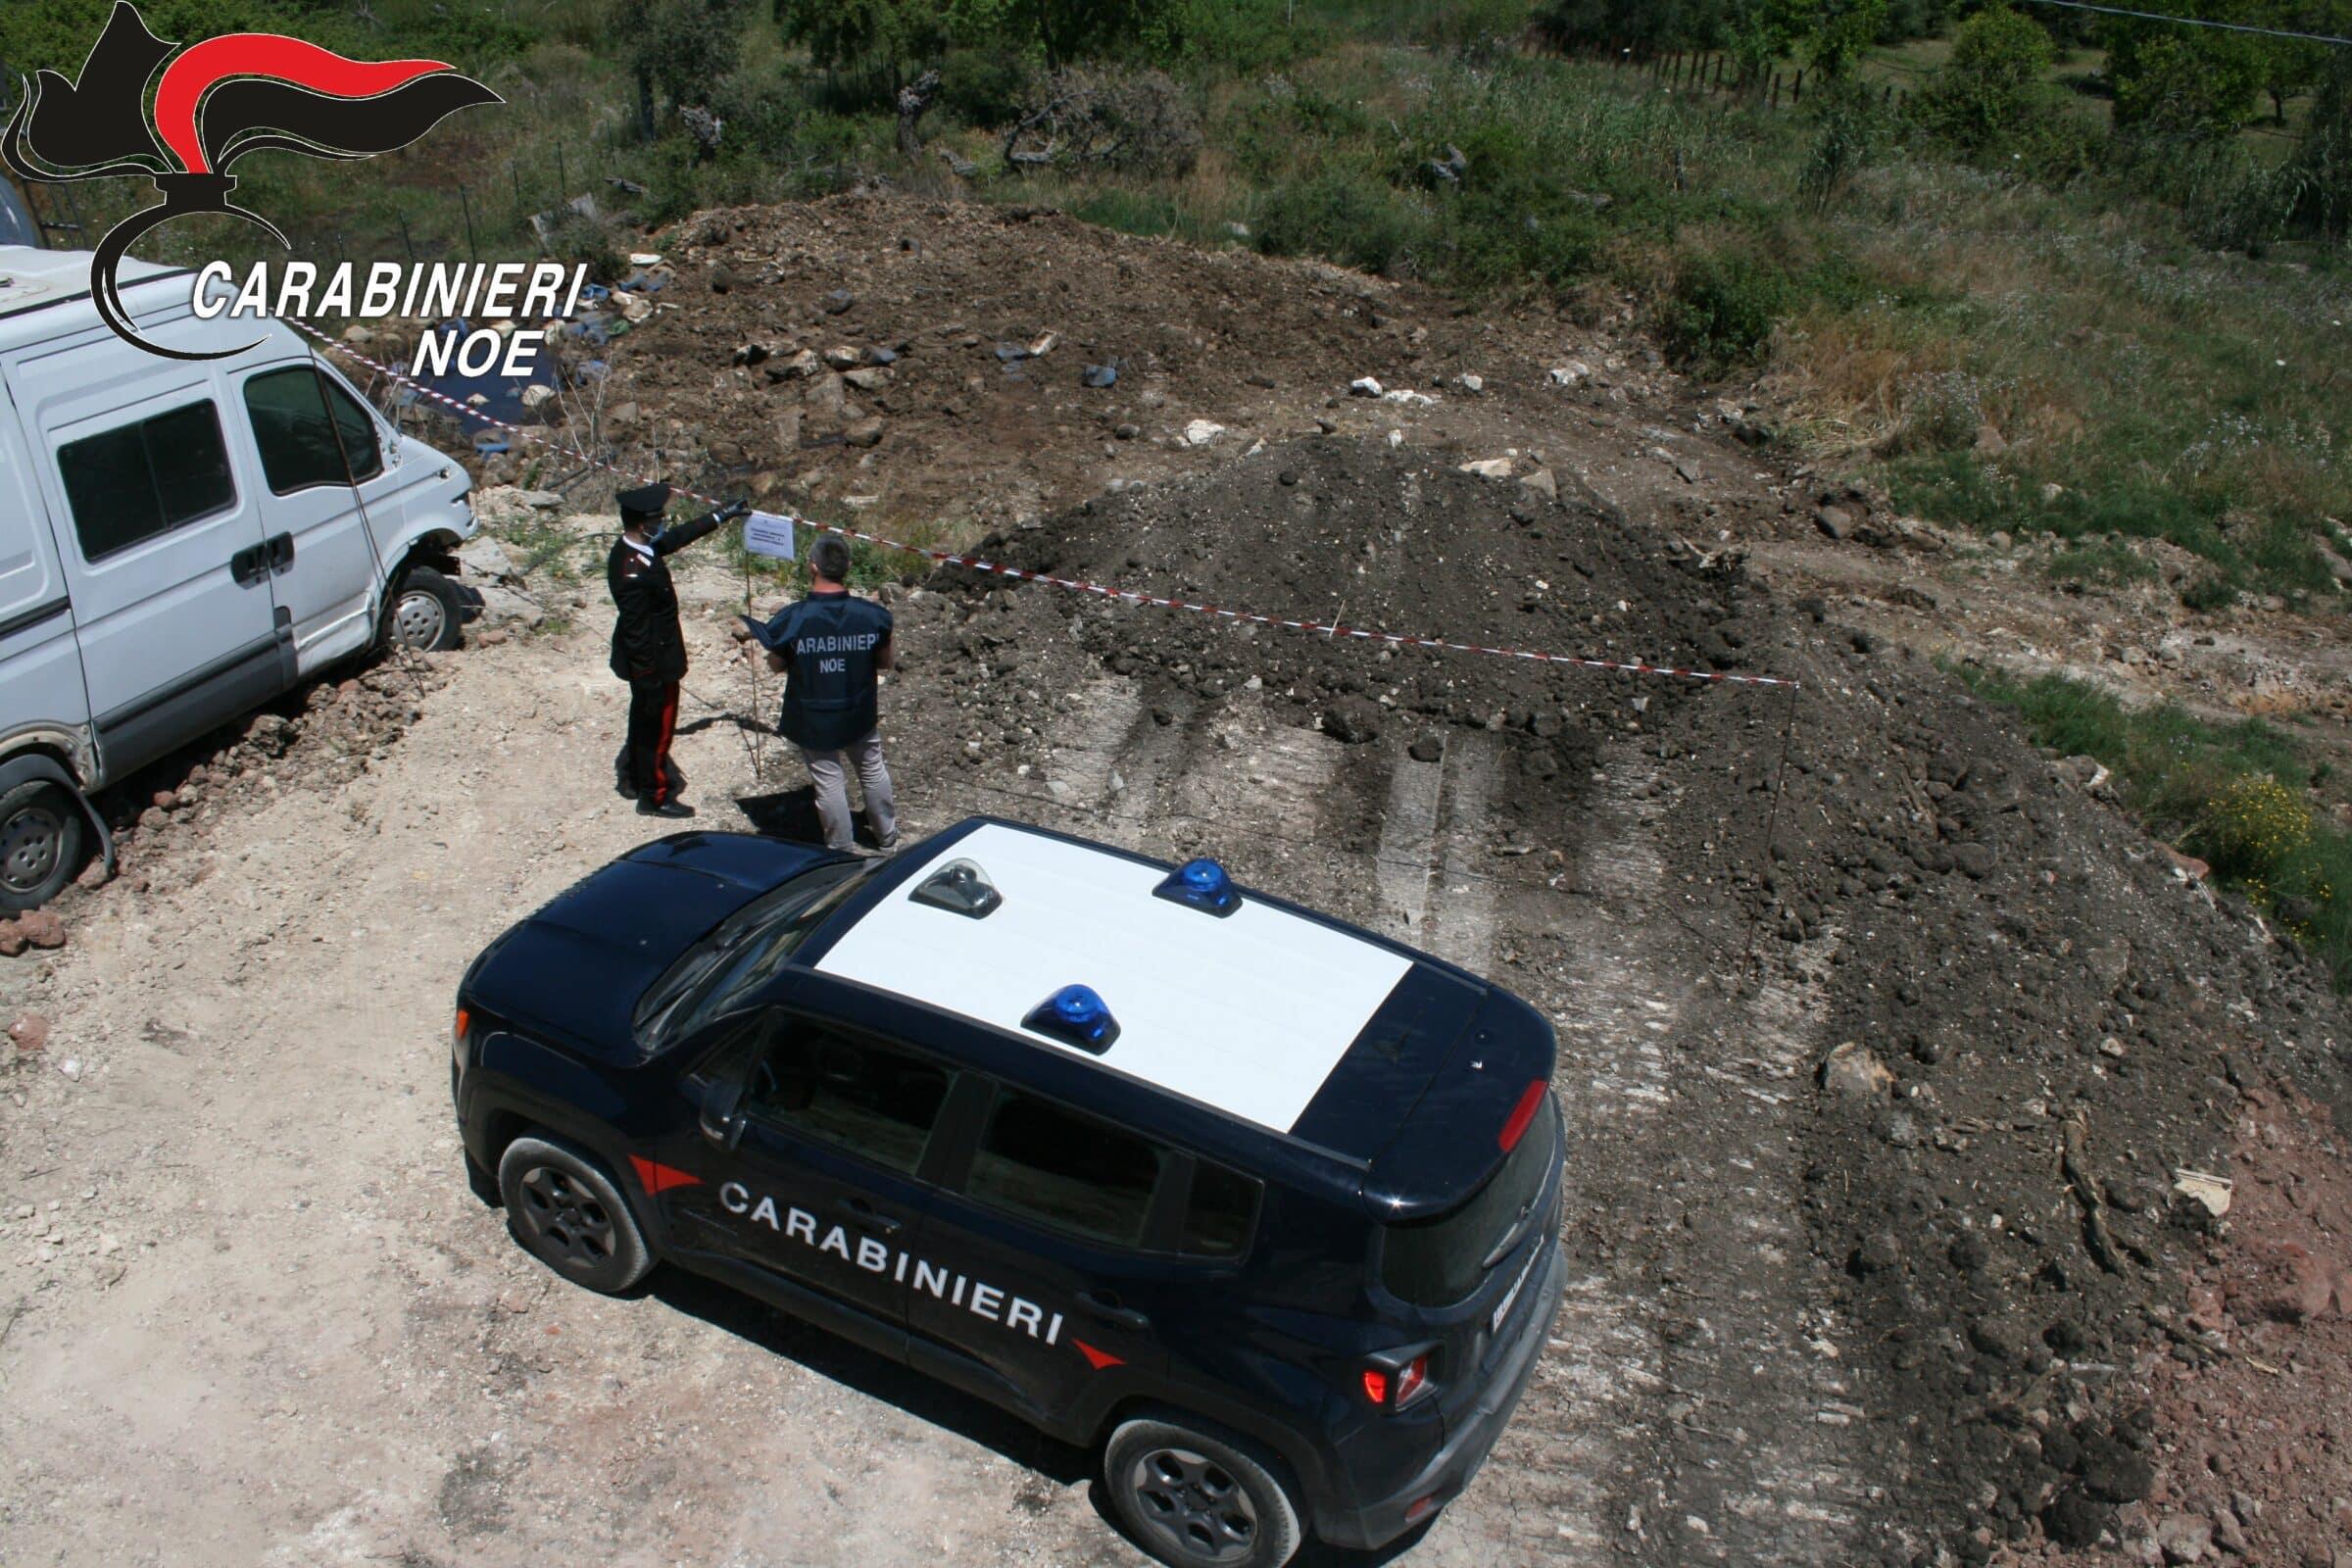 Controlli ditta autotrasporti: NOE di Catania sequestra sito e denuncia responsabile, sversamento di rifiuti